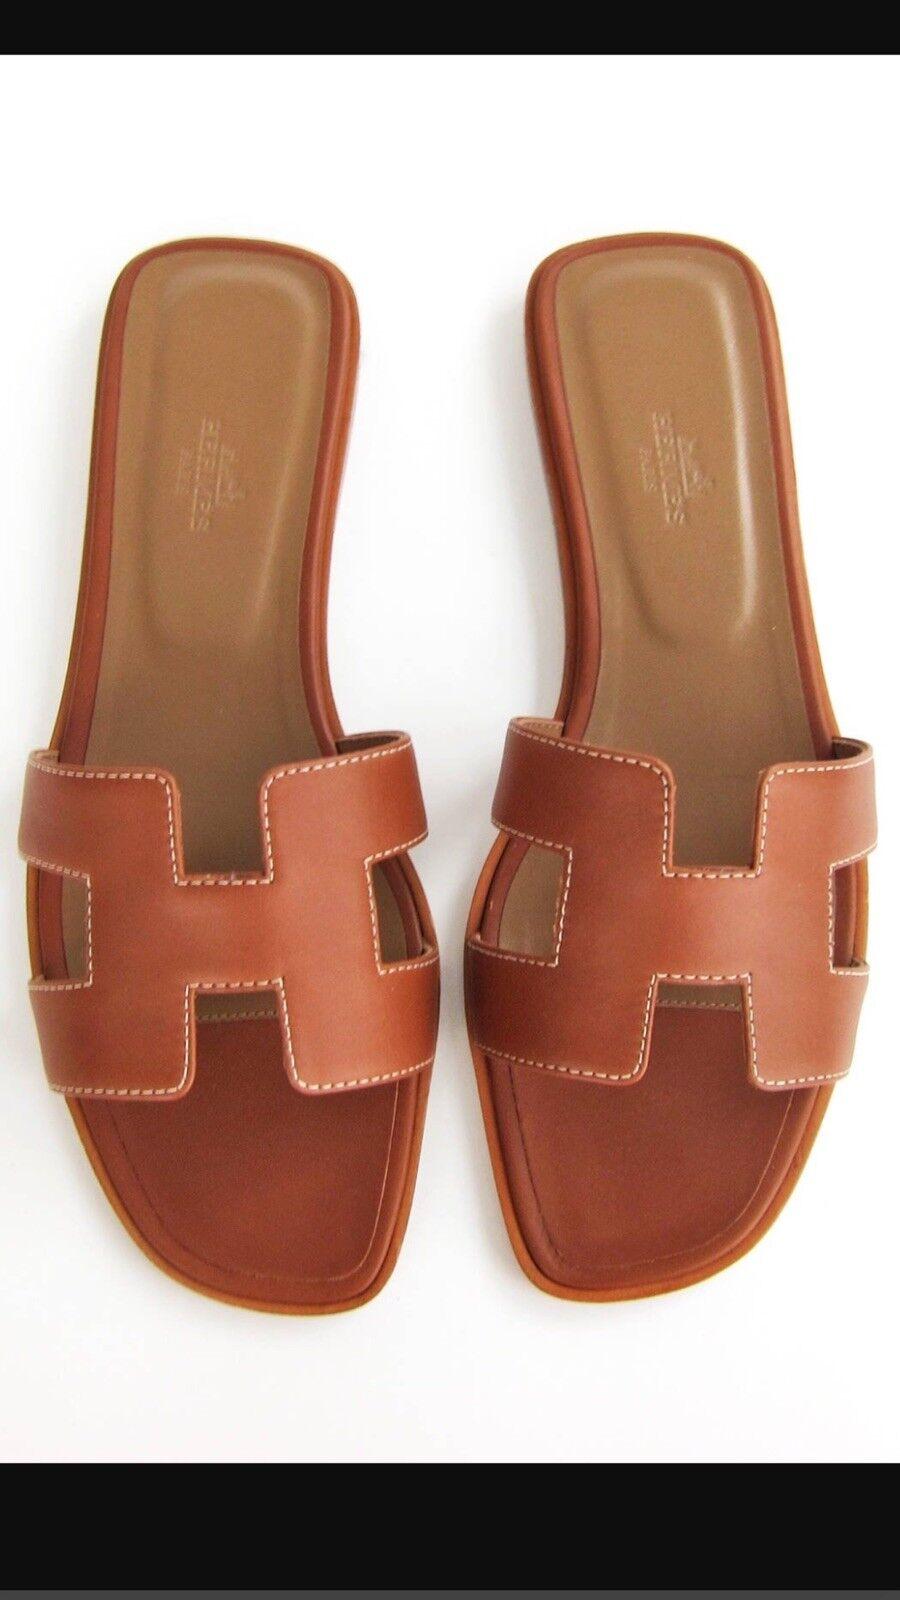 Nueva Hermes oro Marrón oran Oasis Sandalia Zapatilla 37 US 6 Zapatos Planos Mocasín